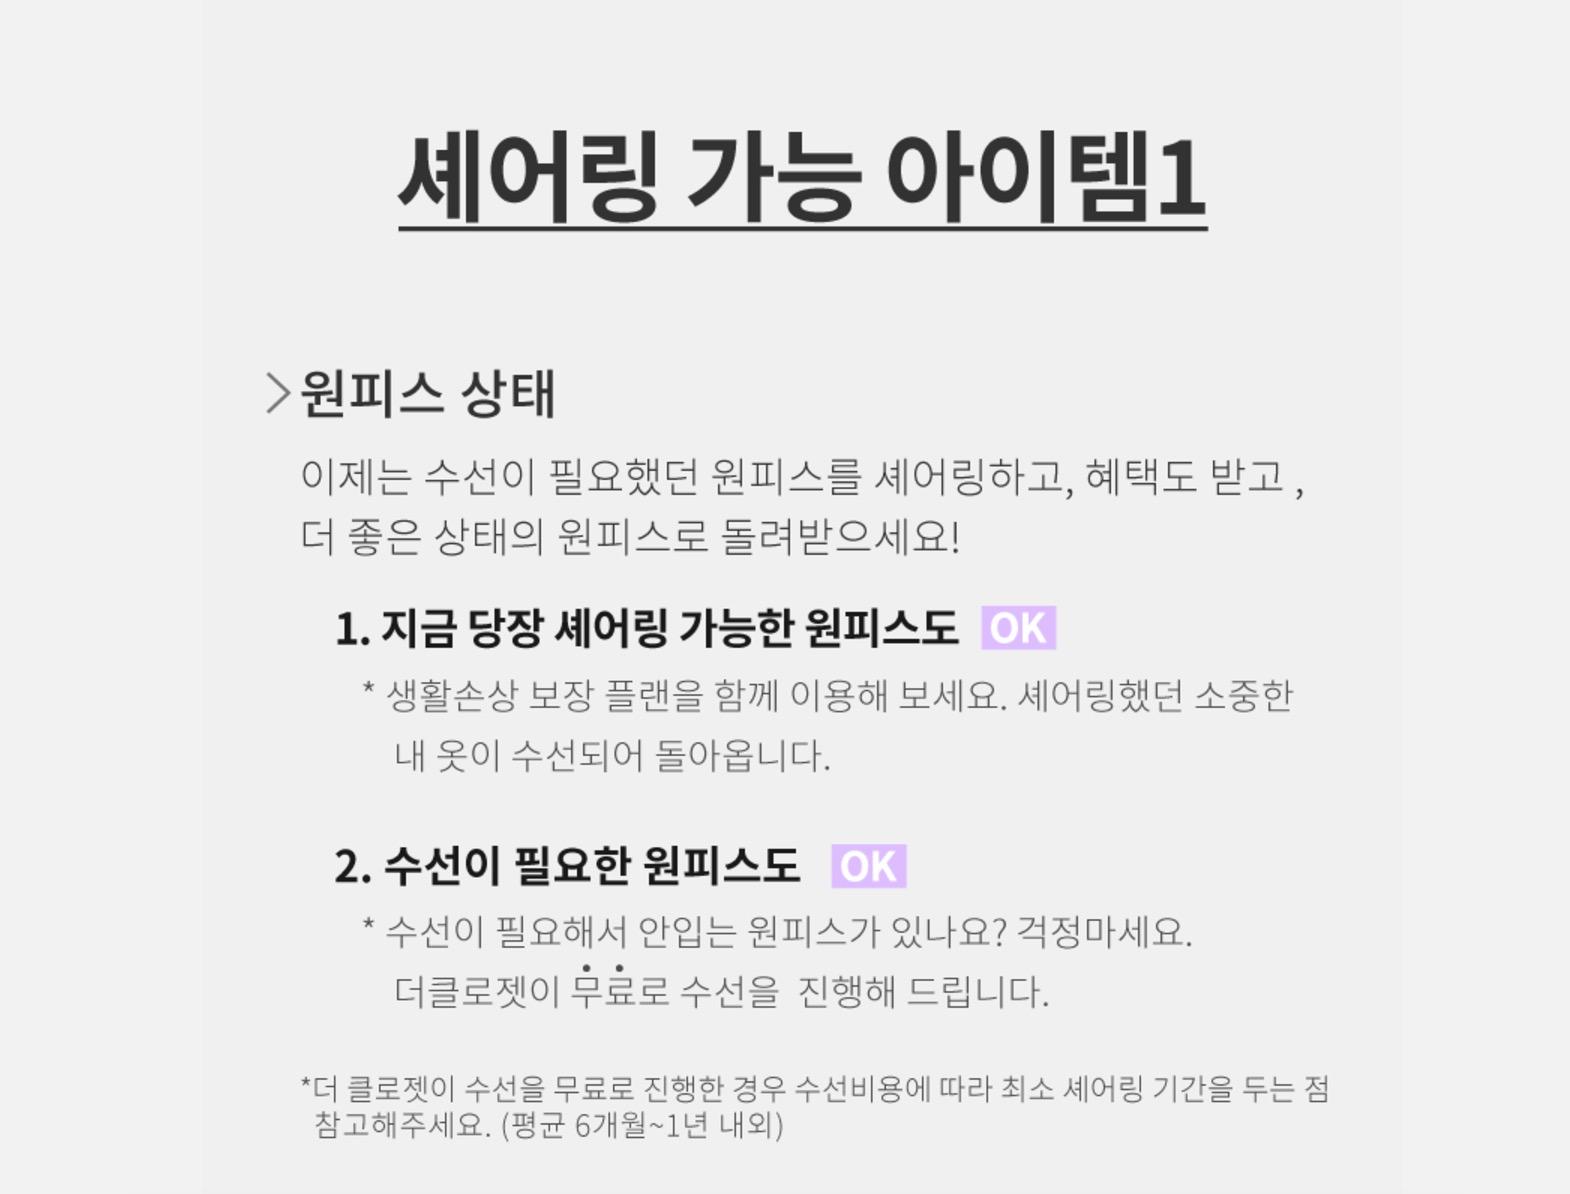 워드프레스 쇼핑몰 사례-예약-쉐어링-우커머스 쇼핑몰 사례-코드엠샵-9